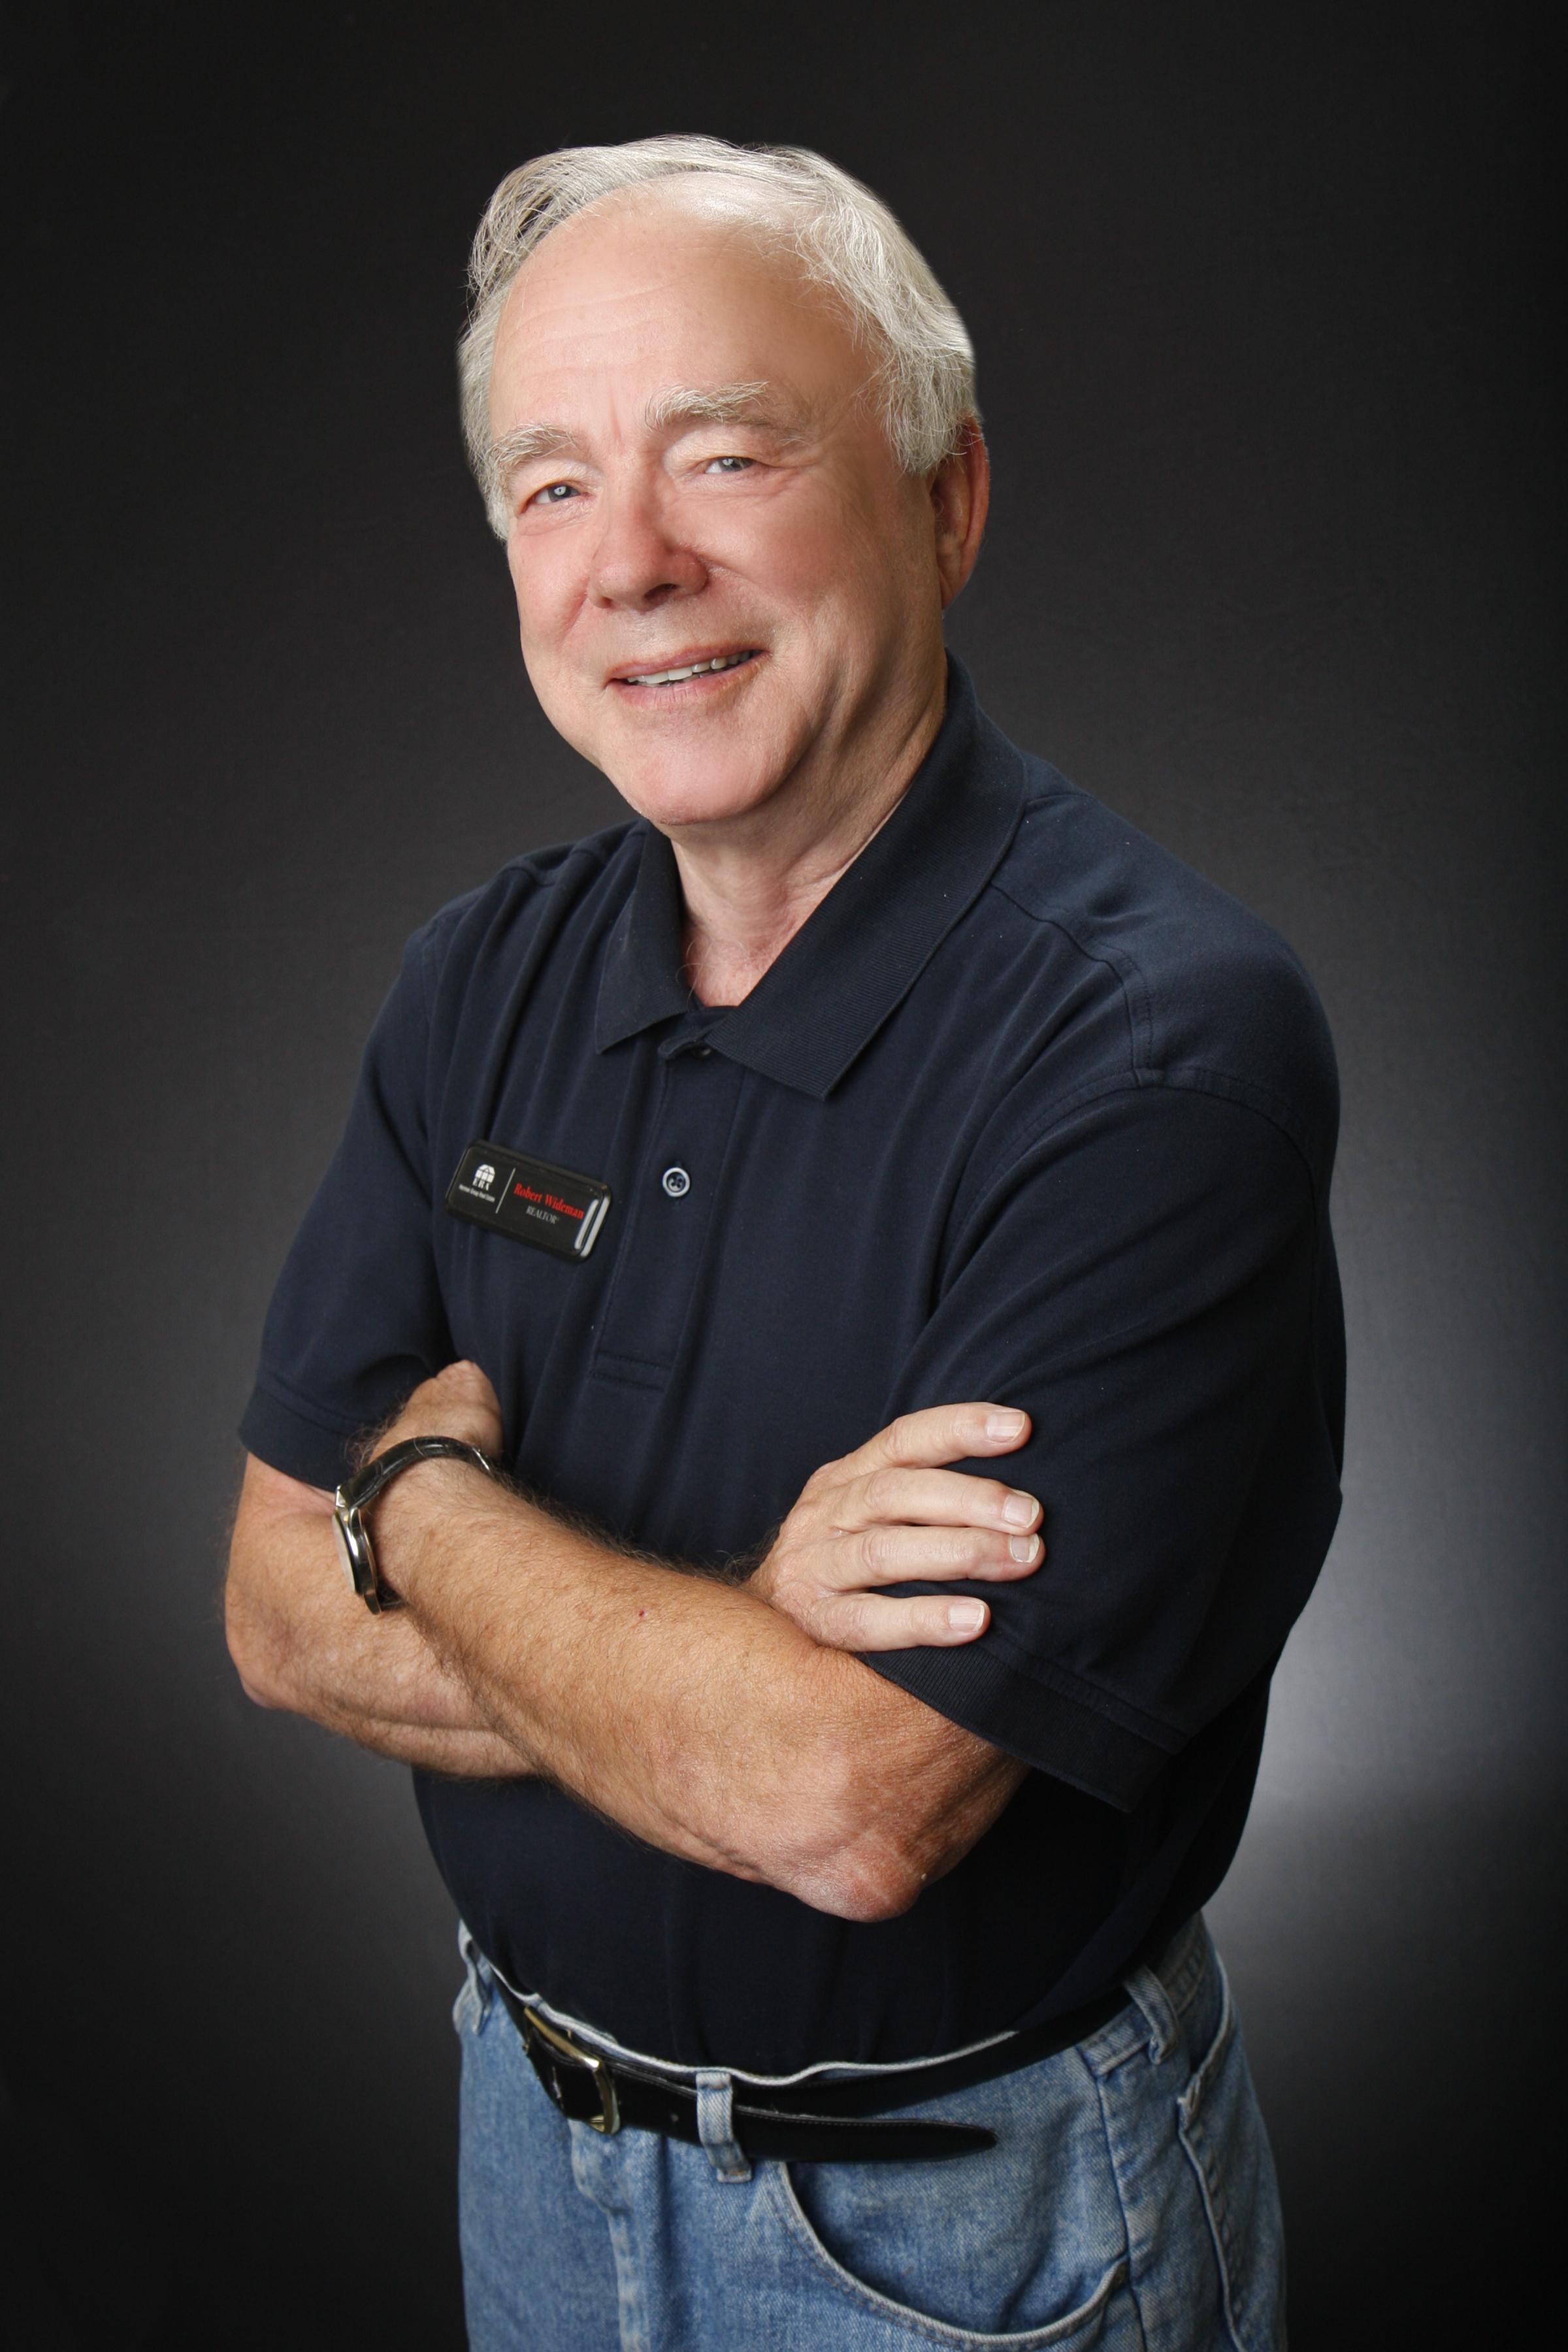 Robert Wideman